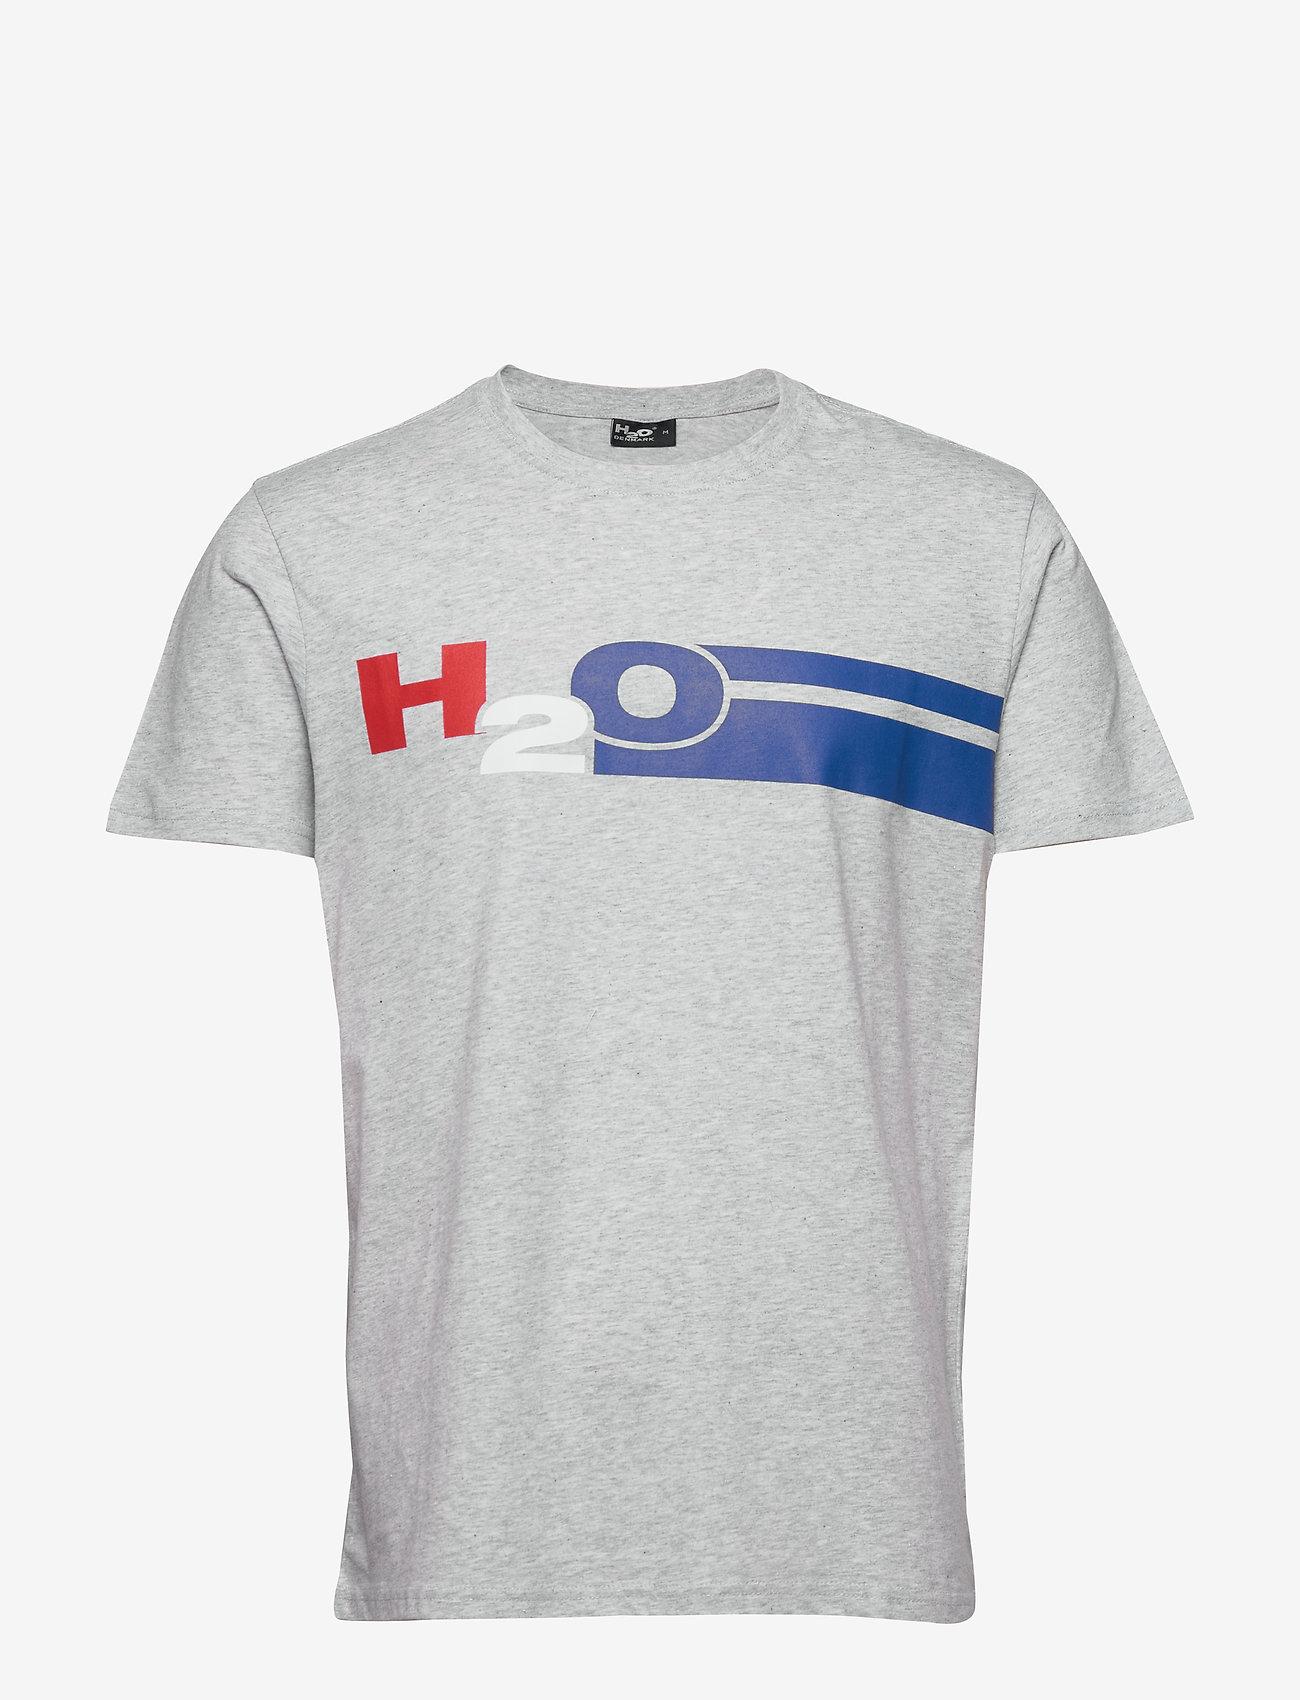 H2O - Skagen Tee - kortærmede t-shirts - lt. grey mel/red/white/surf blue - 0